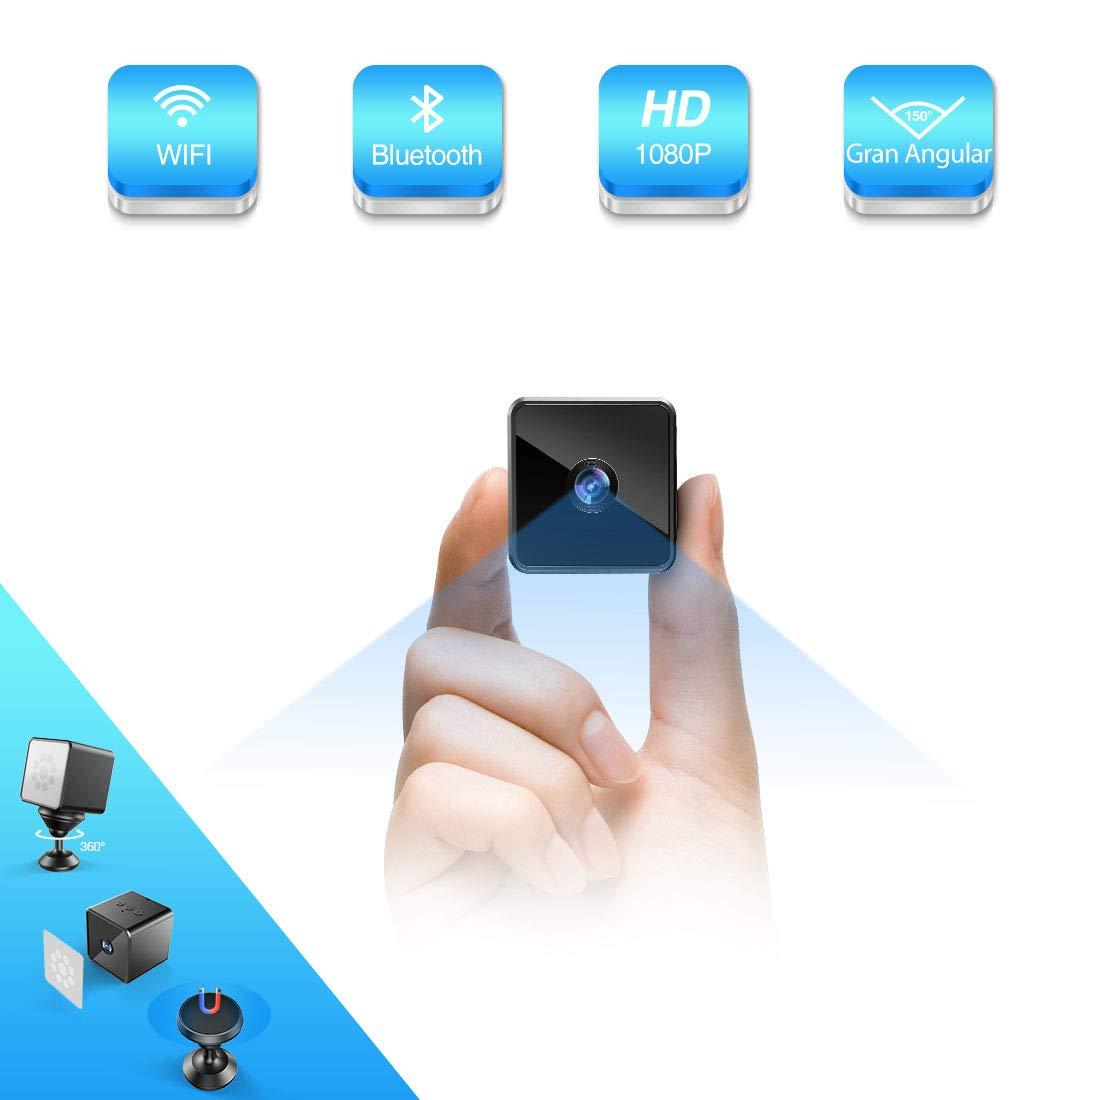 Mini Camara Espia Oculta Bluetooth, MHDYT WiFi HD 1080P Cámara Vigilancia Portátil con Altavoz Bluetooth, Sensor Movimiento, Visión Nocturna, IP Camara Seguridad Inalambrica Micro Interior/Exterior product image